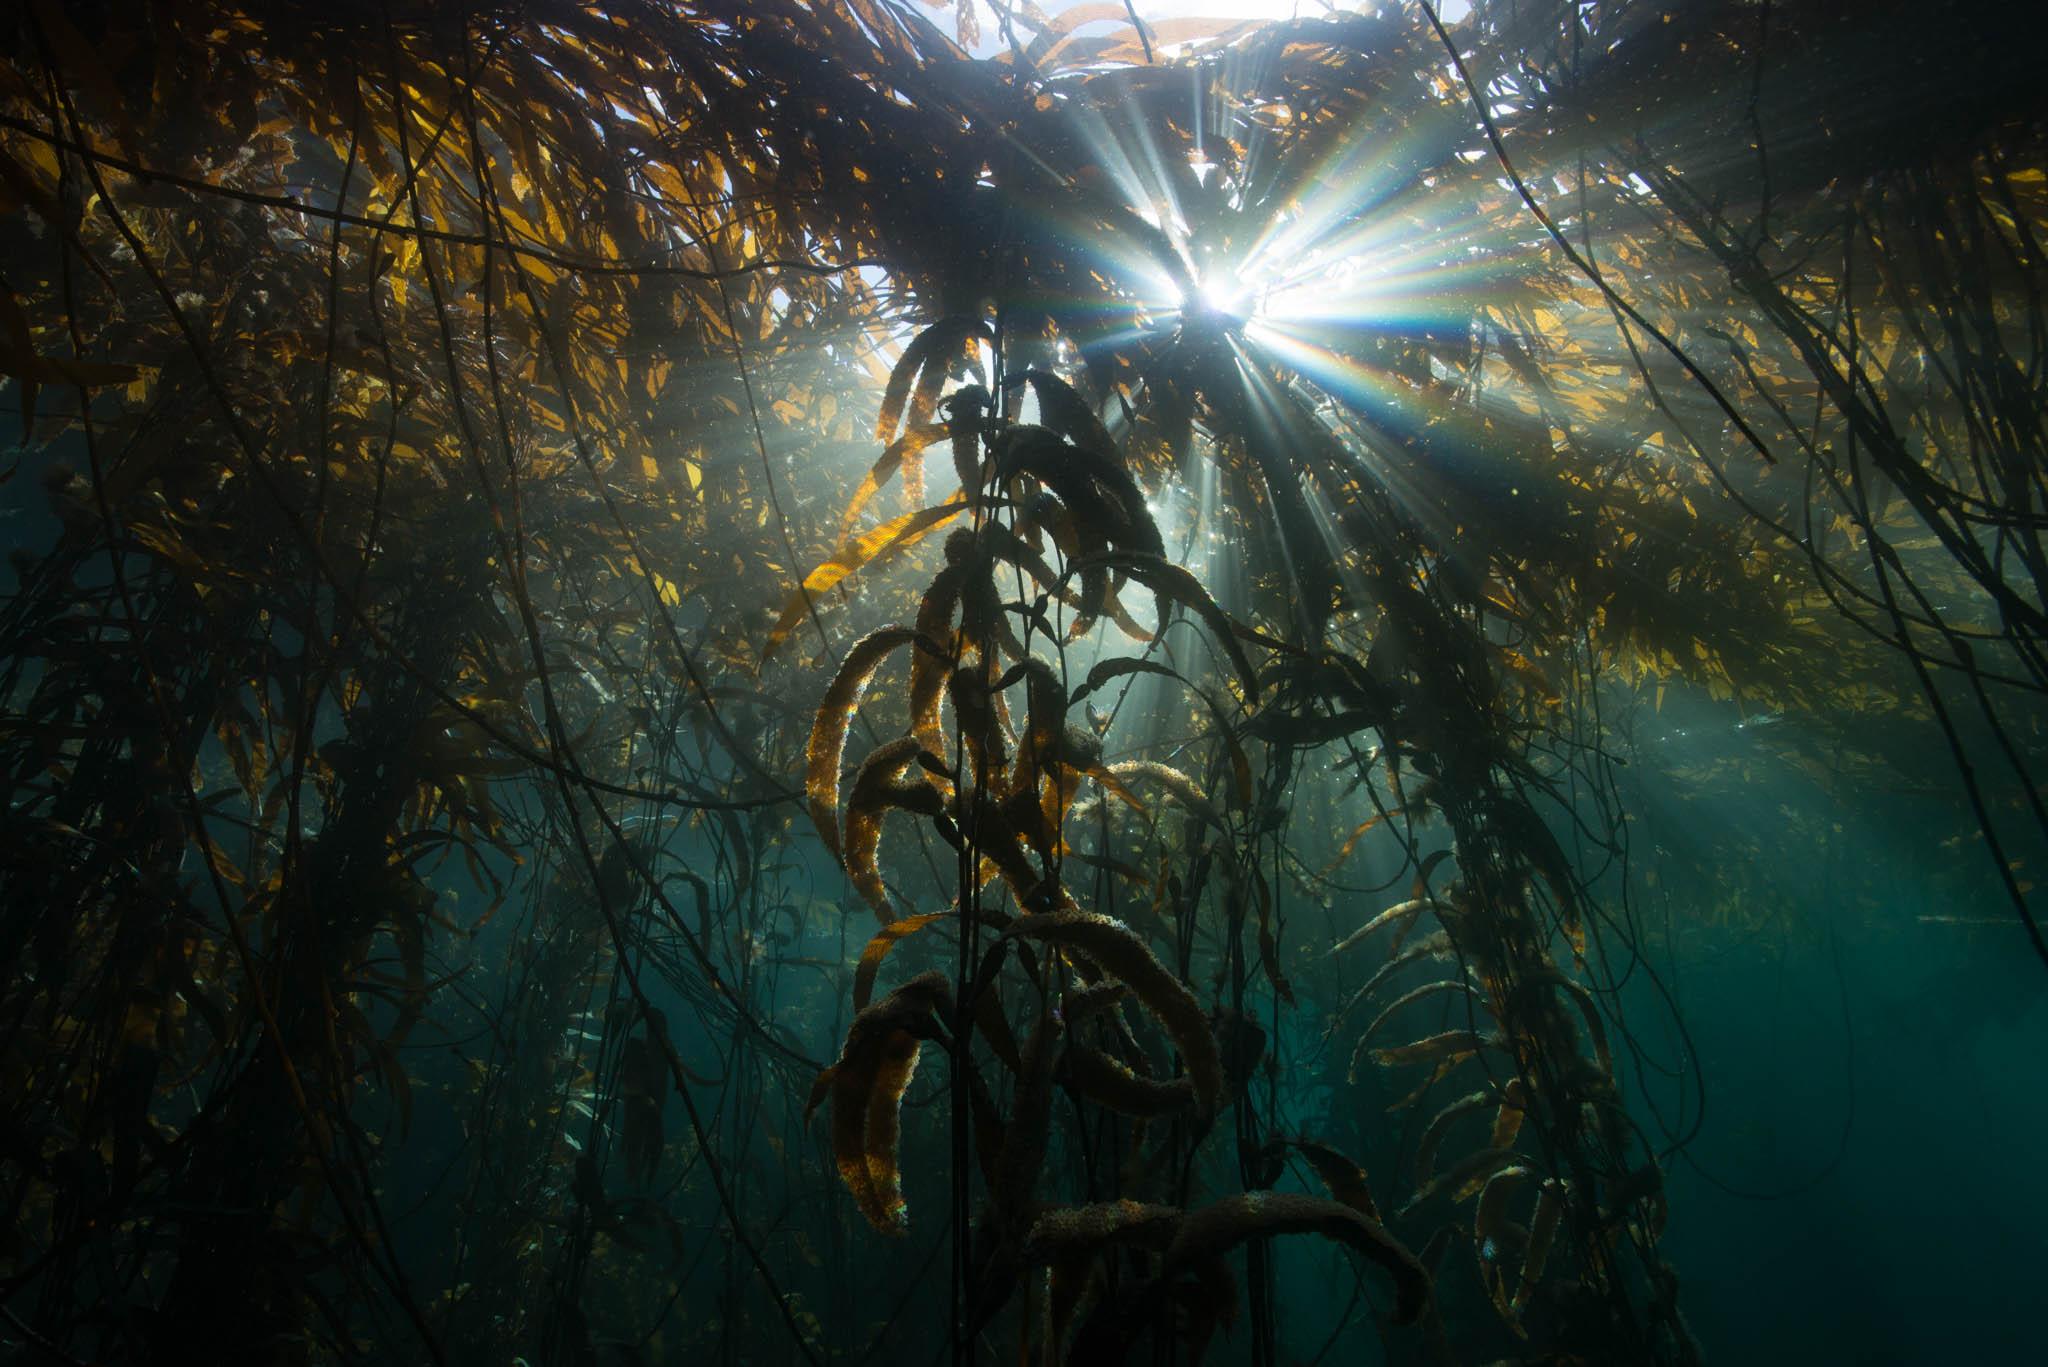 Sunbeams in Kelp